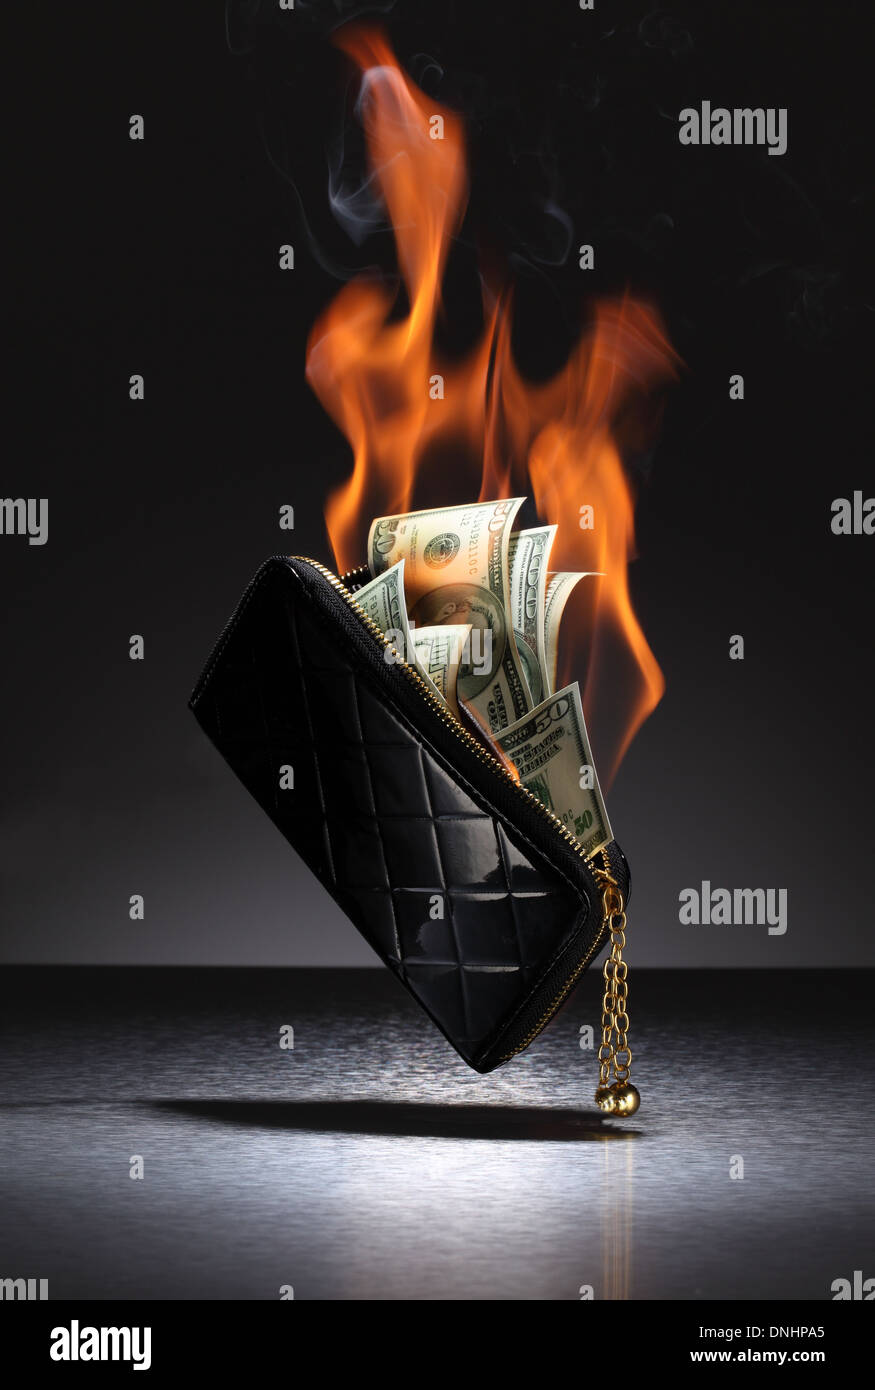 Un portefeuille en cuir brun rempli de cartes de crédit et de l'argent sur le feu. Banque D'Images